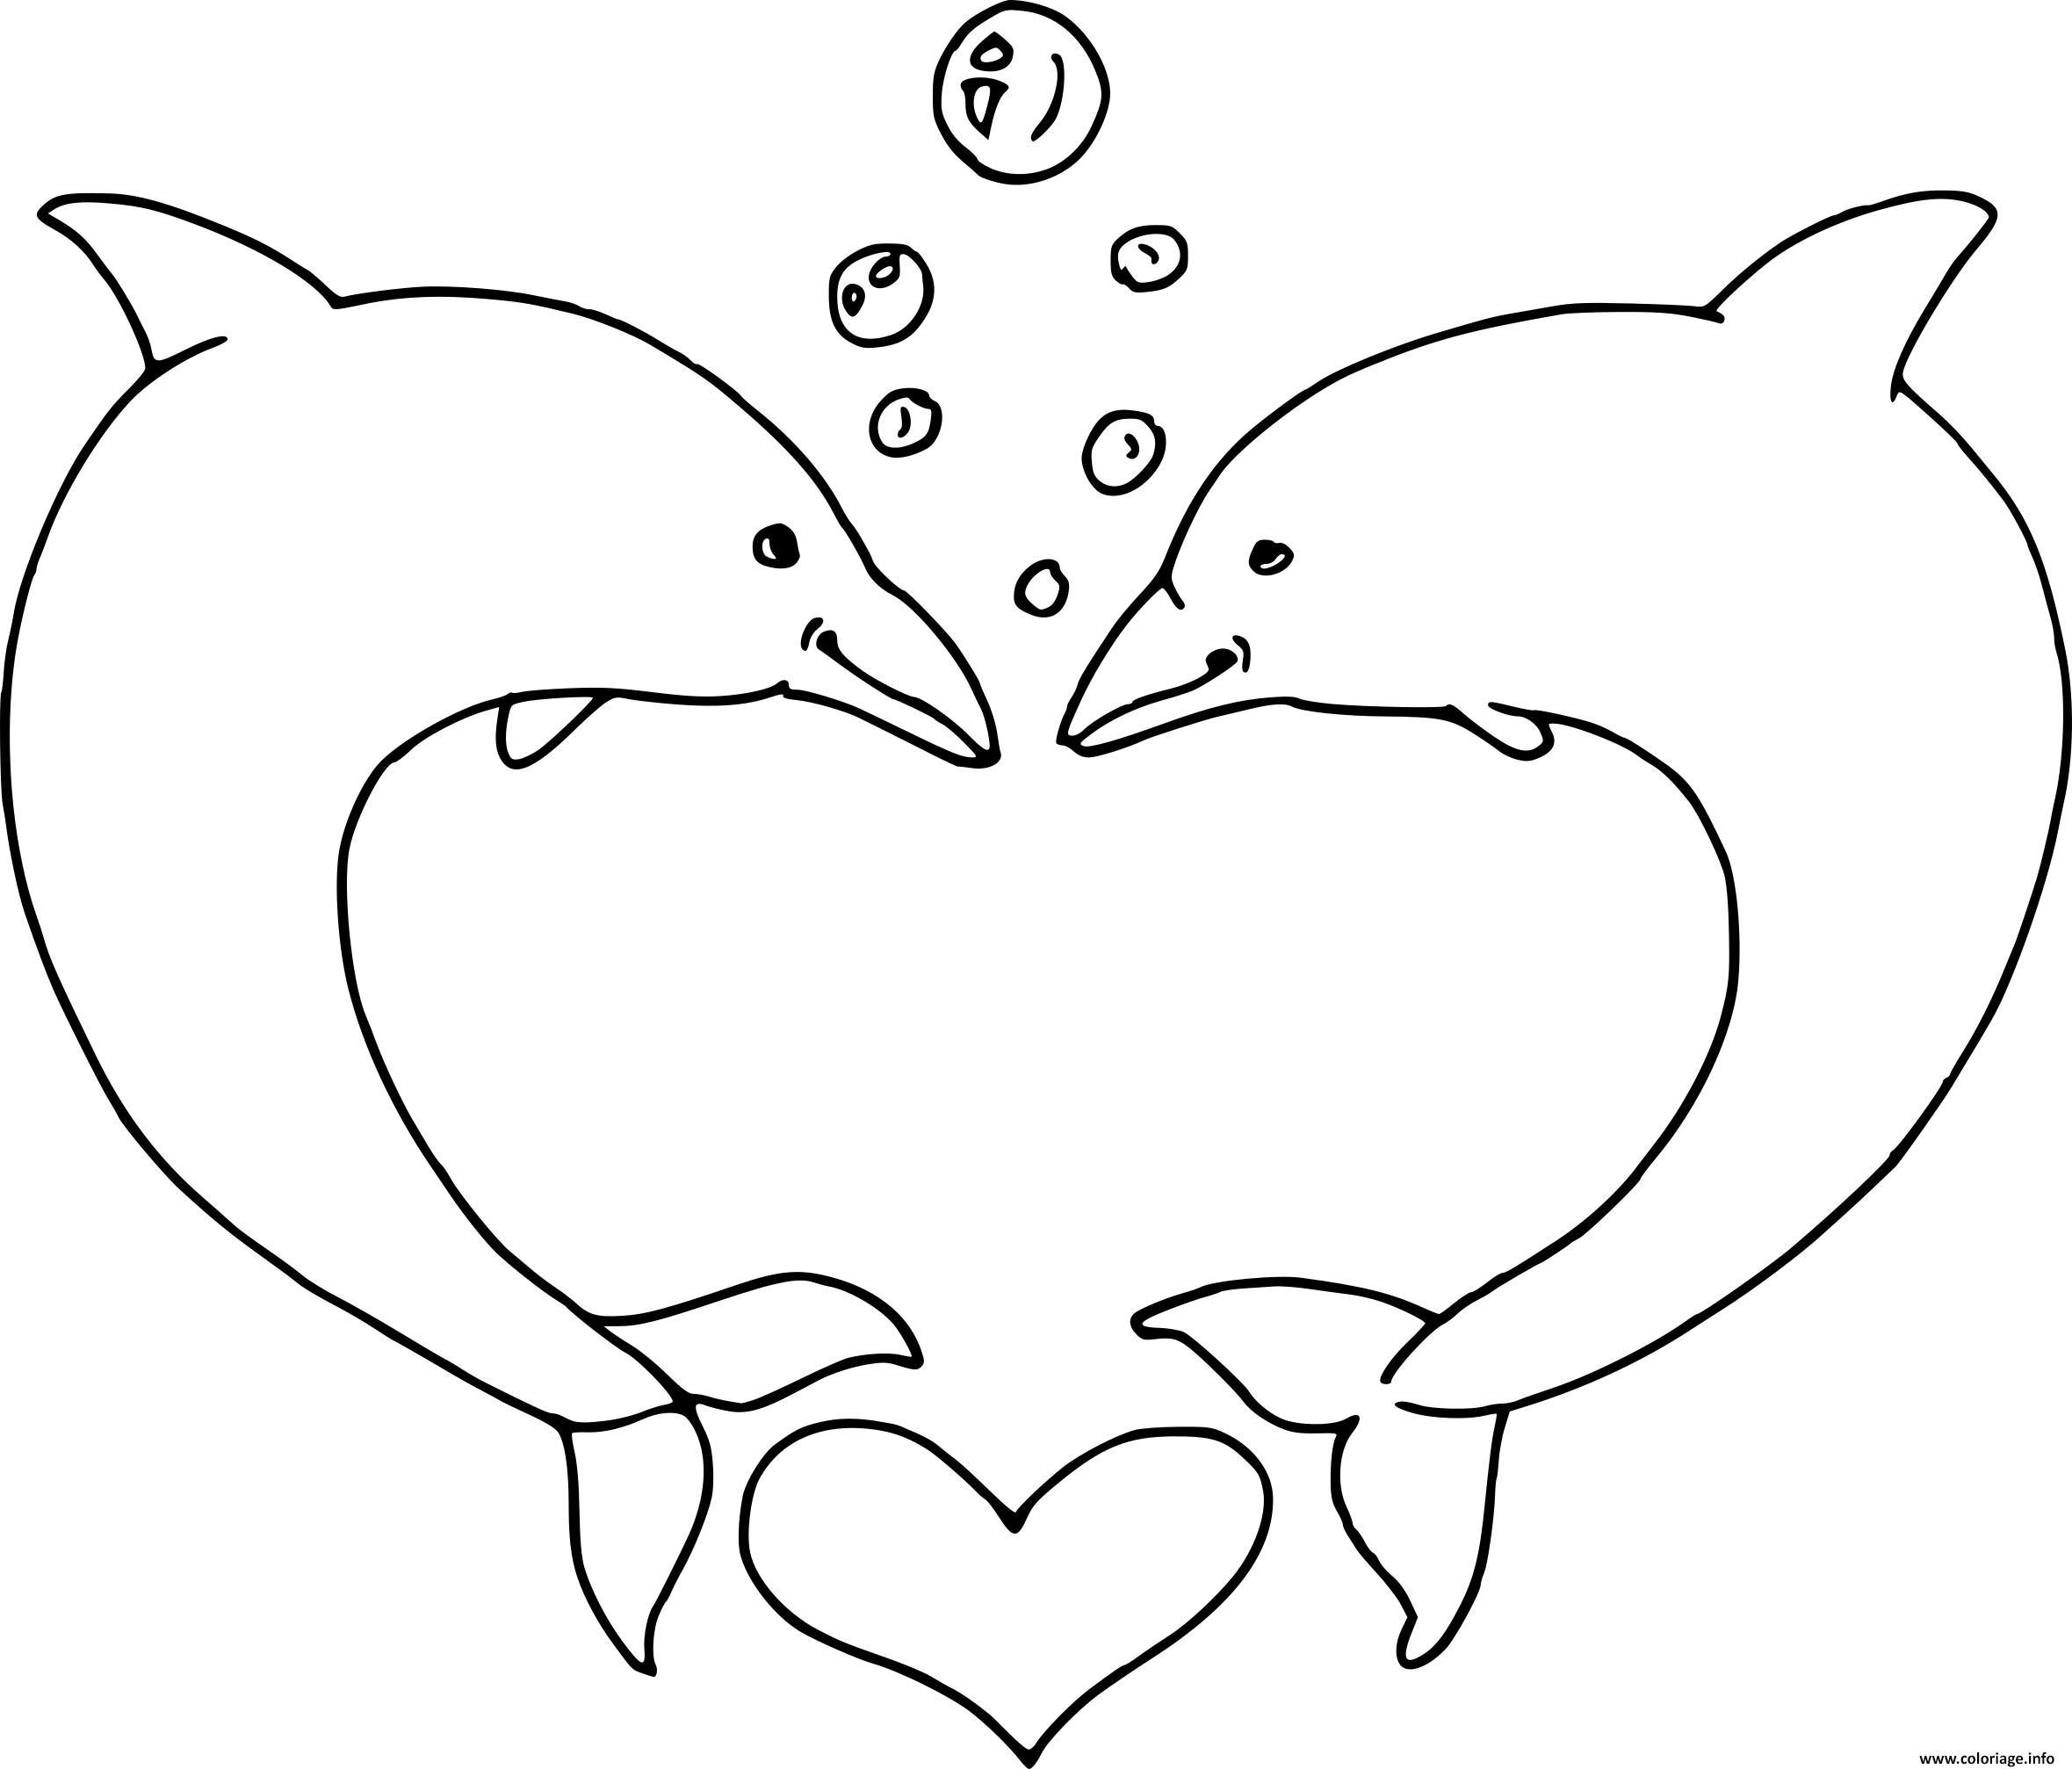 Coloriage St Valentin Dauphin Coeur Dessin destiné Coloriage A Imprimer De Dauphin